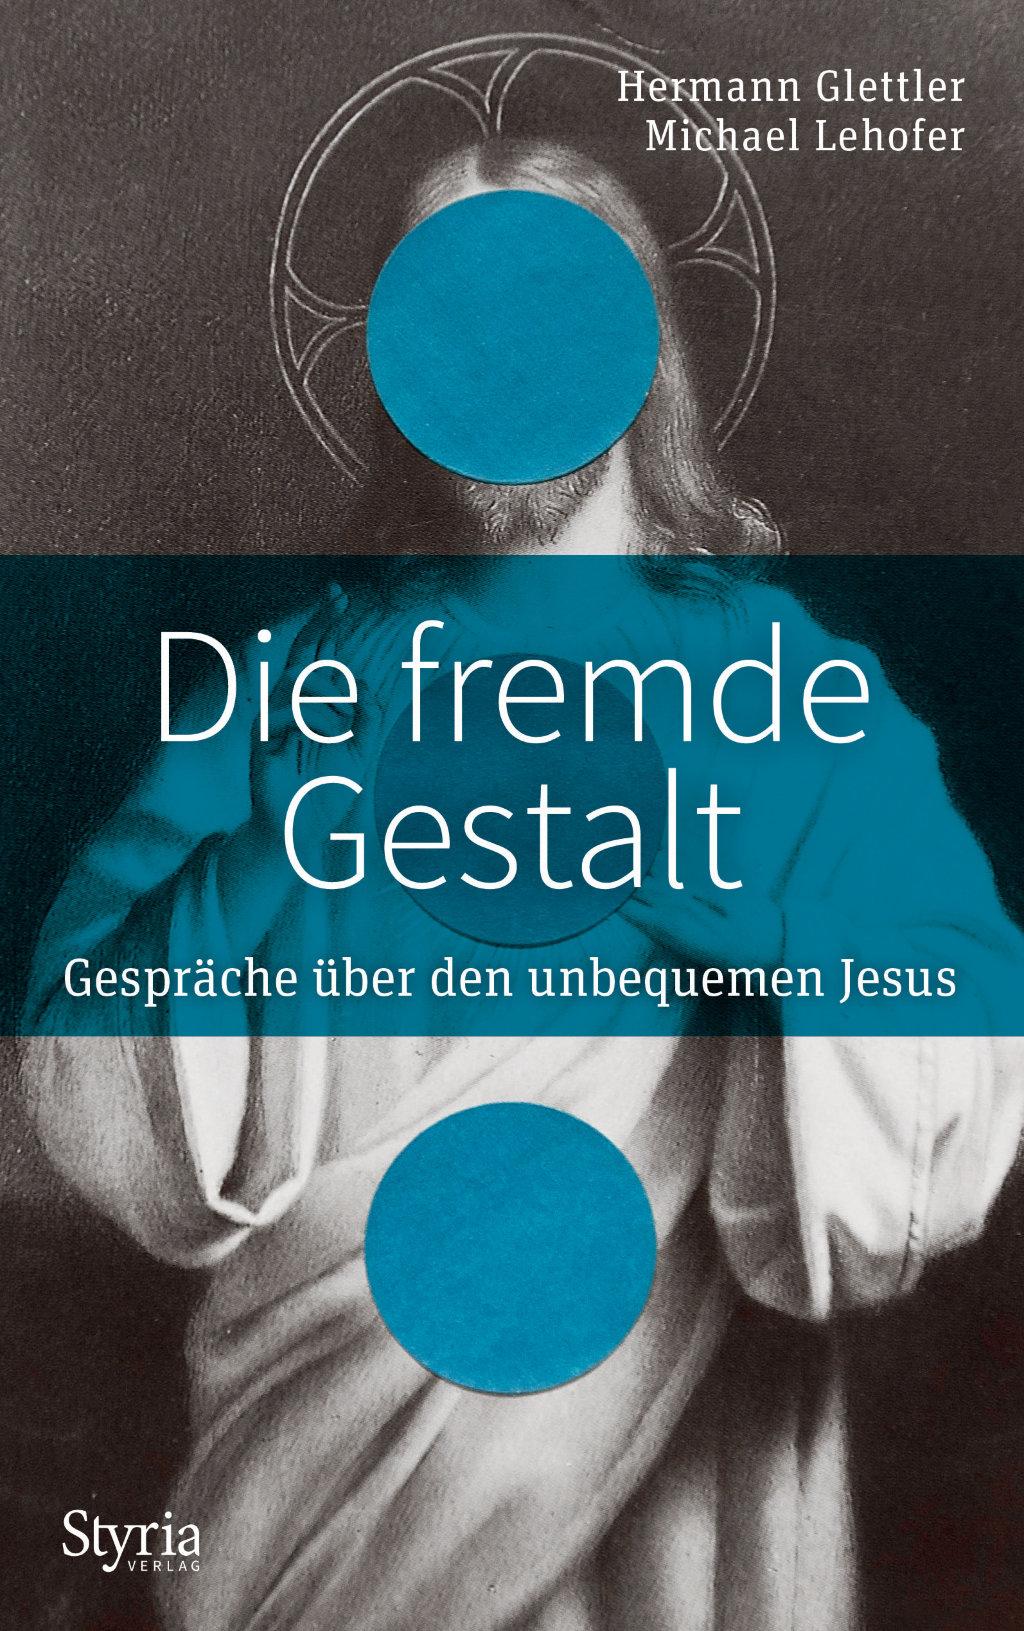 Die Fremde Gestalt Bei Styriabooks Online Kaufen